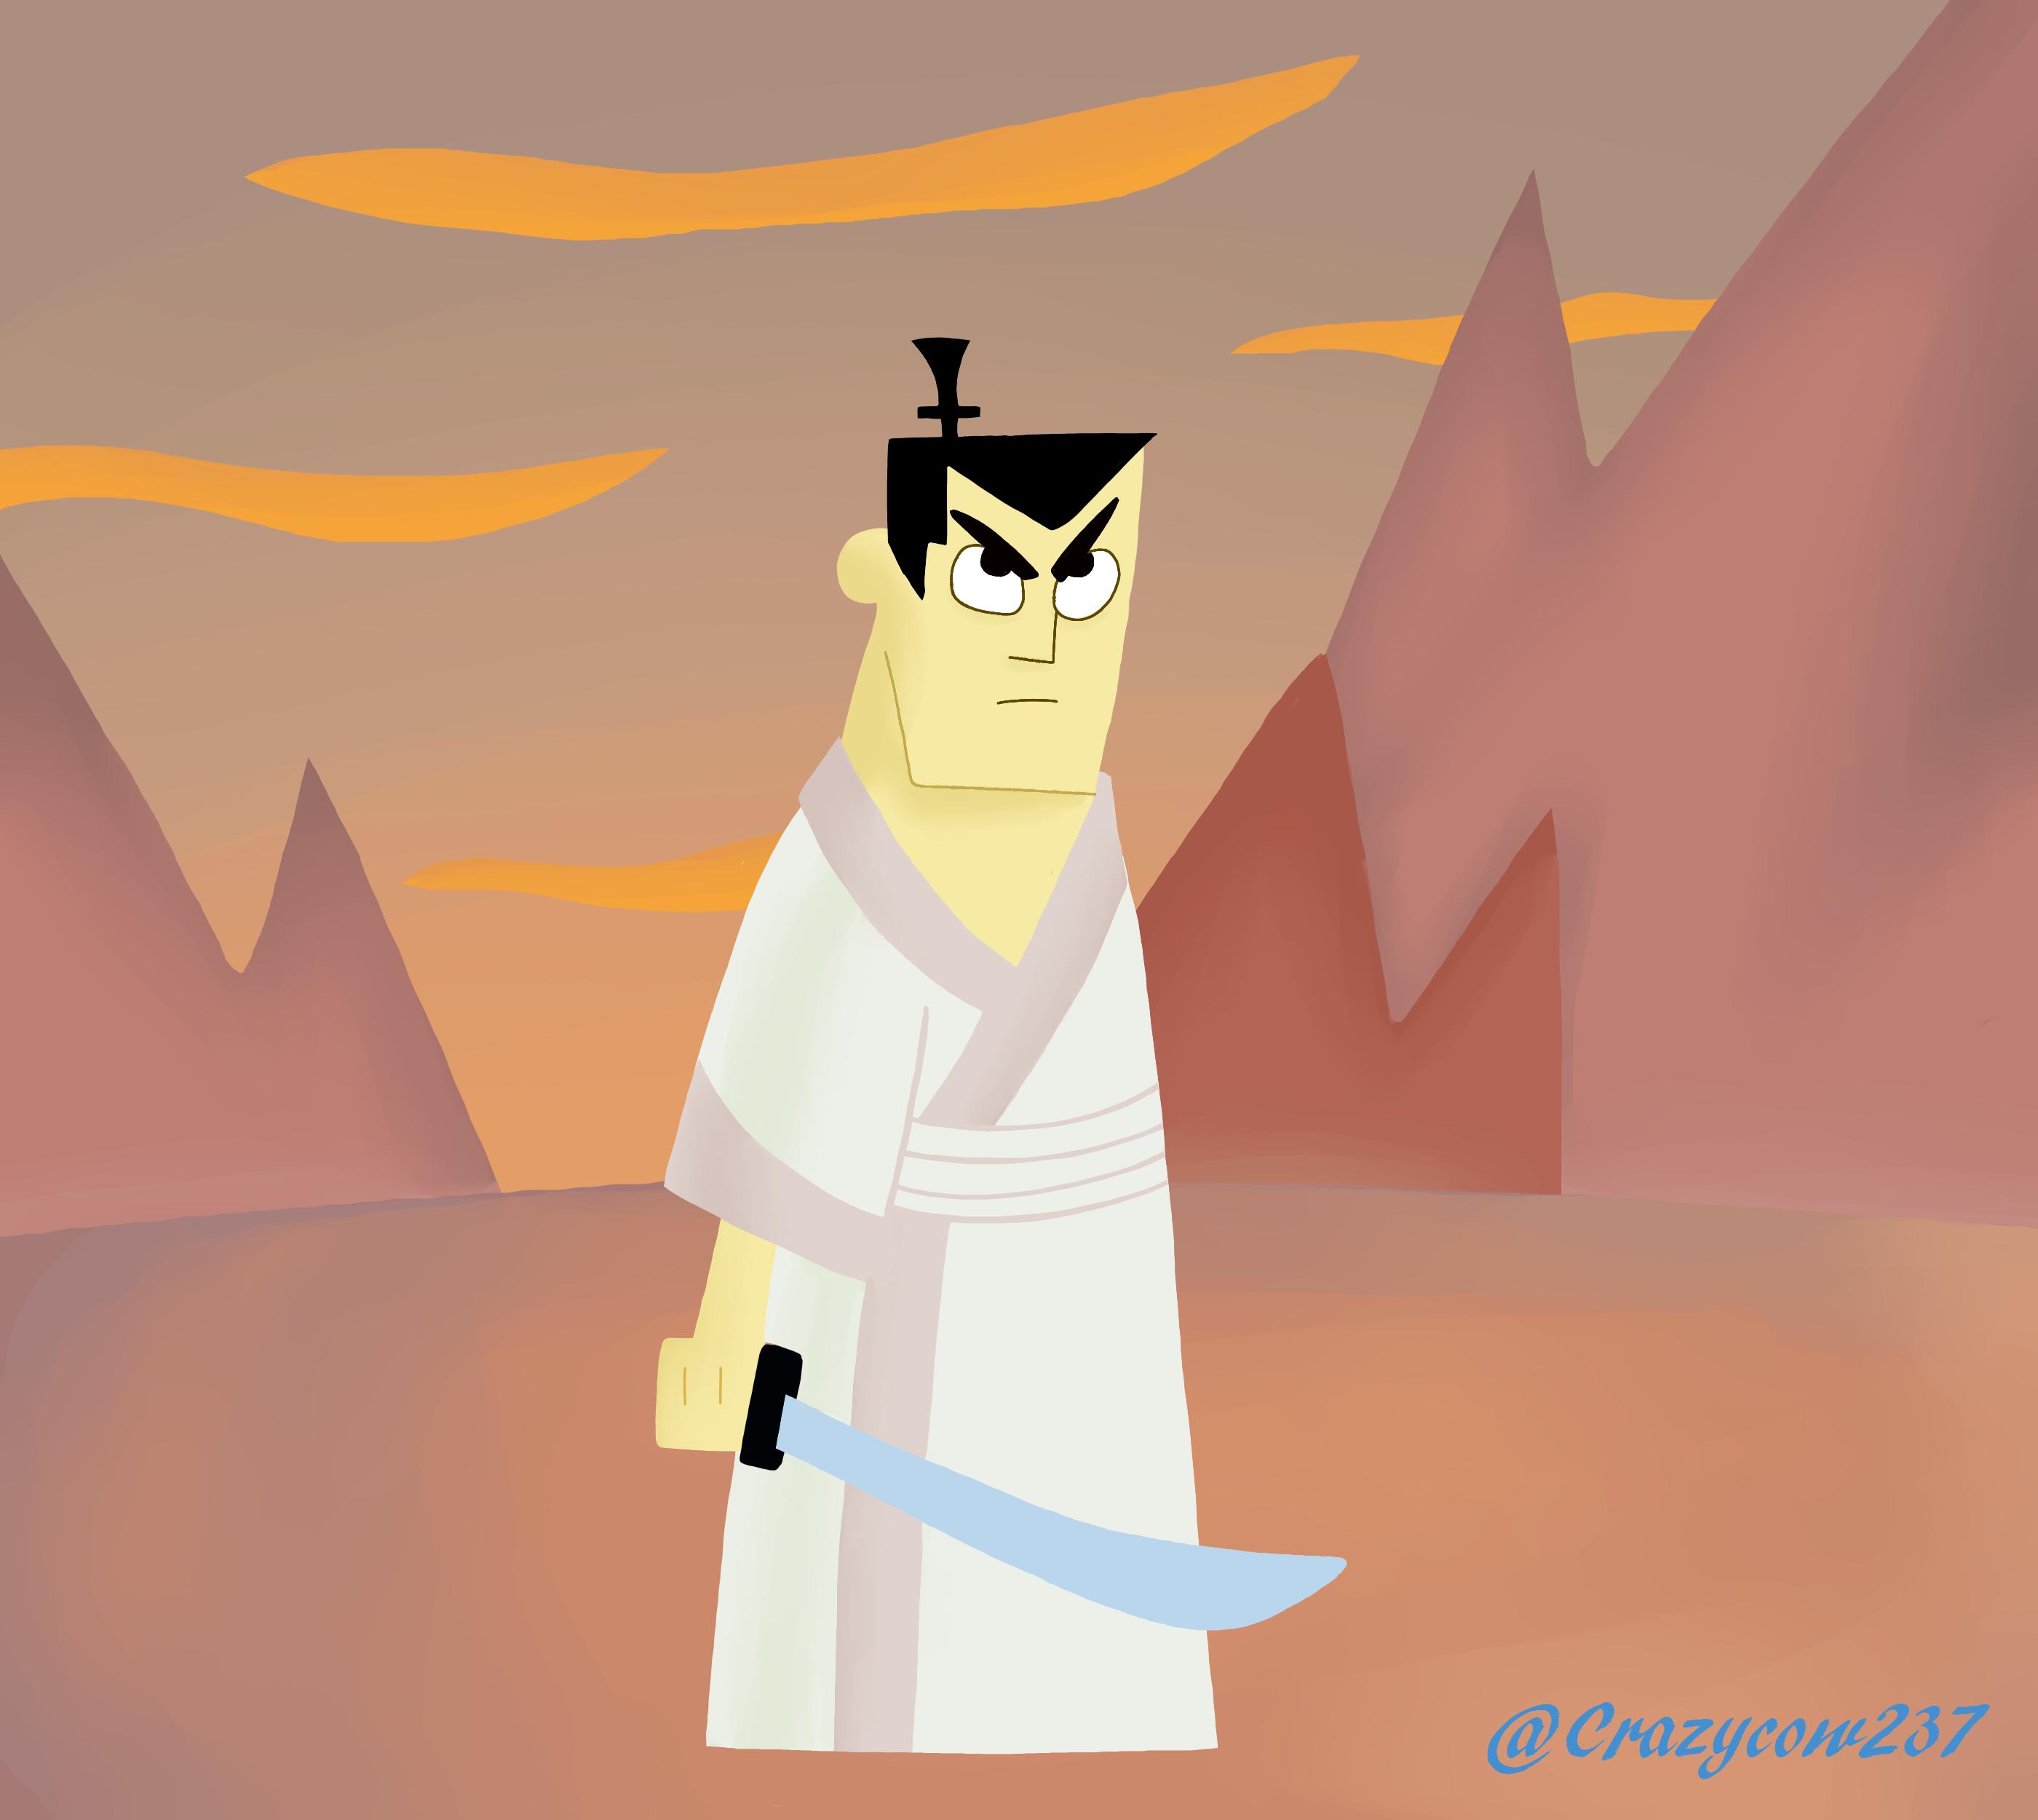 Foolish samurai